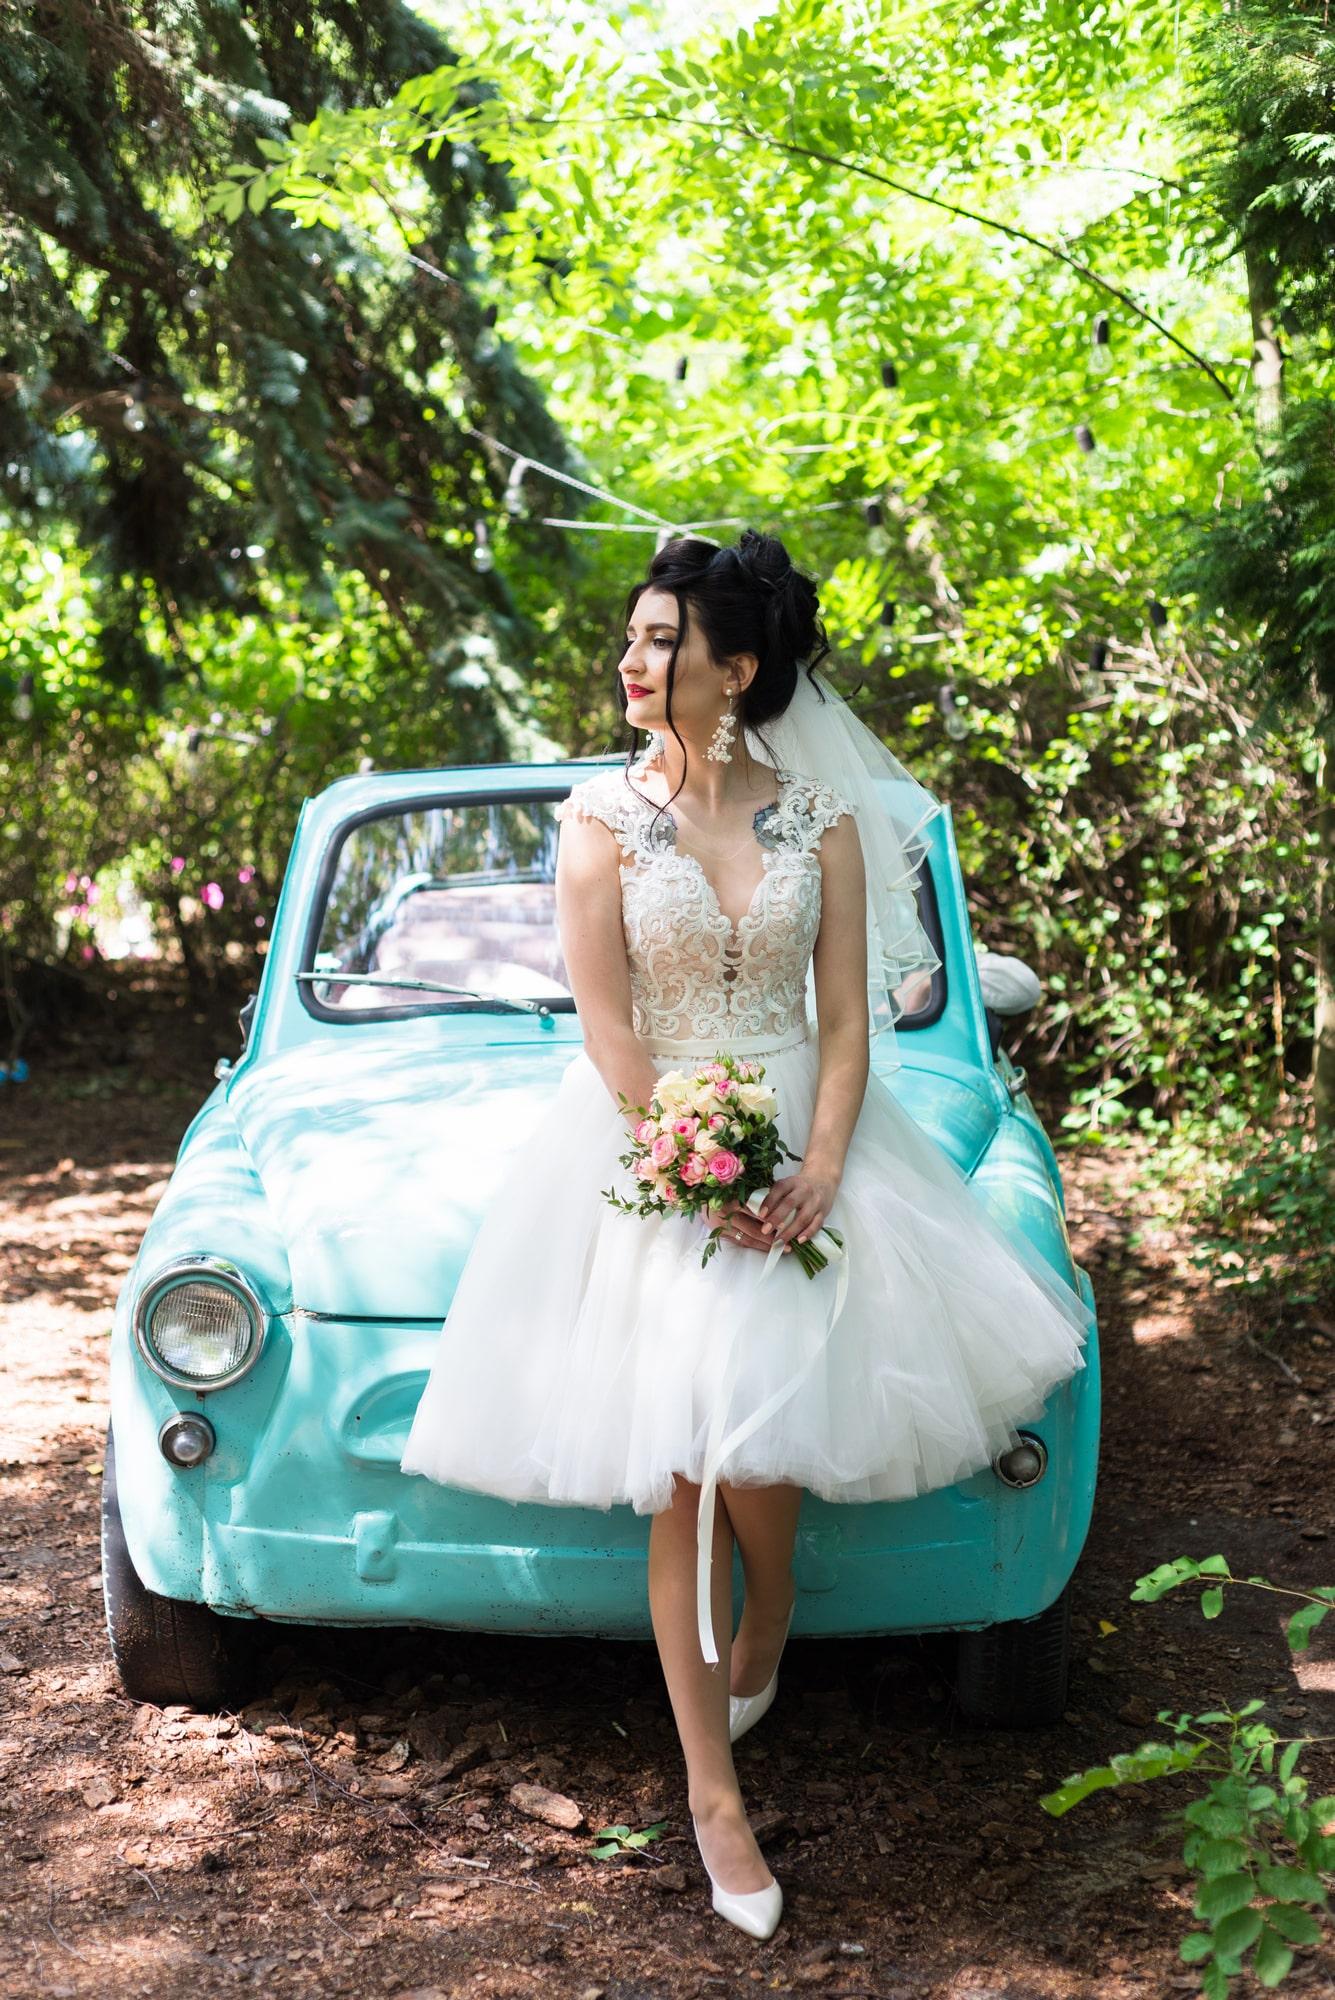 Свадебная фотосессия в студии Play - невеста на авто